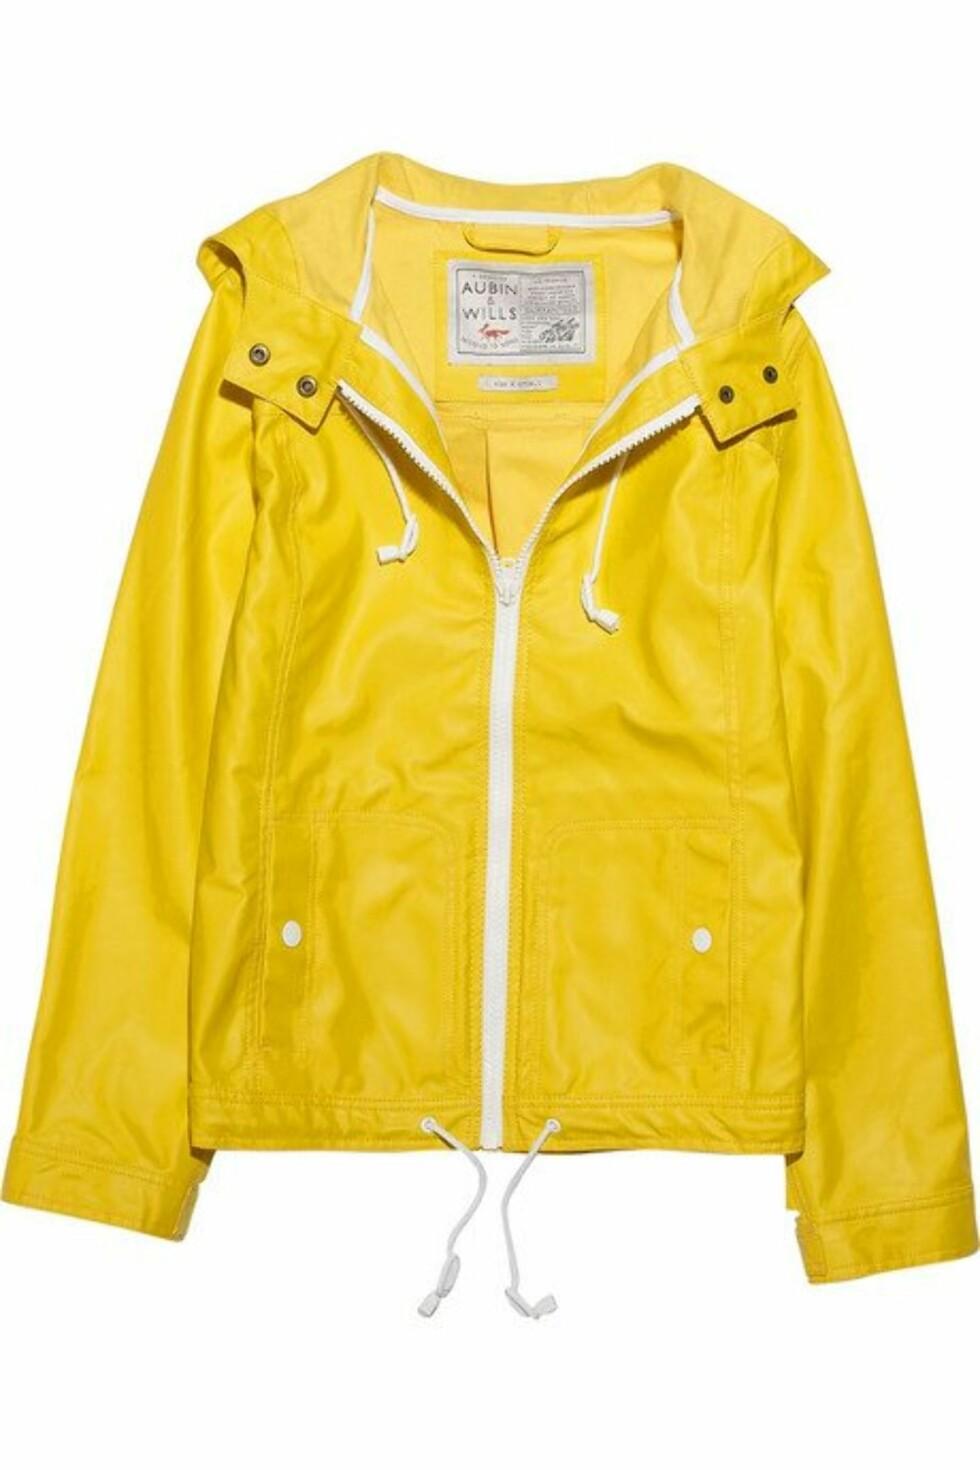 For deg som virkelig vil synes: Knallgul jakke i vannavstøtende bomull (ca kr 1770, Aubin & Wills/Net-a-porter.com).